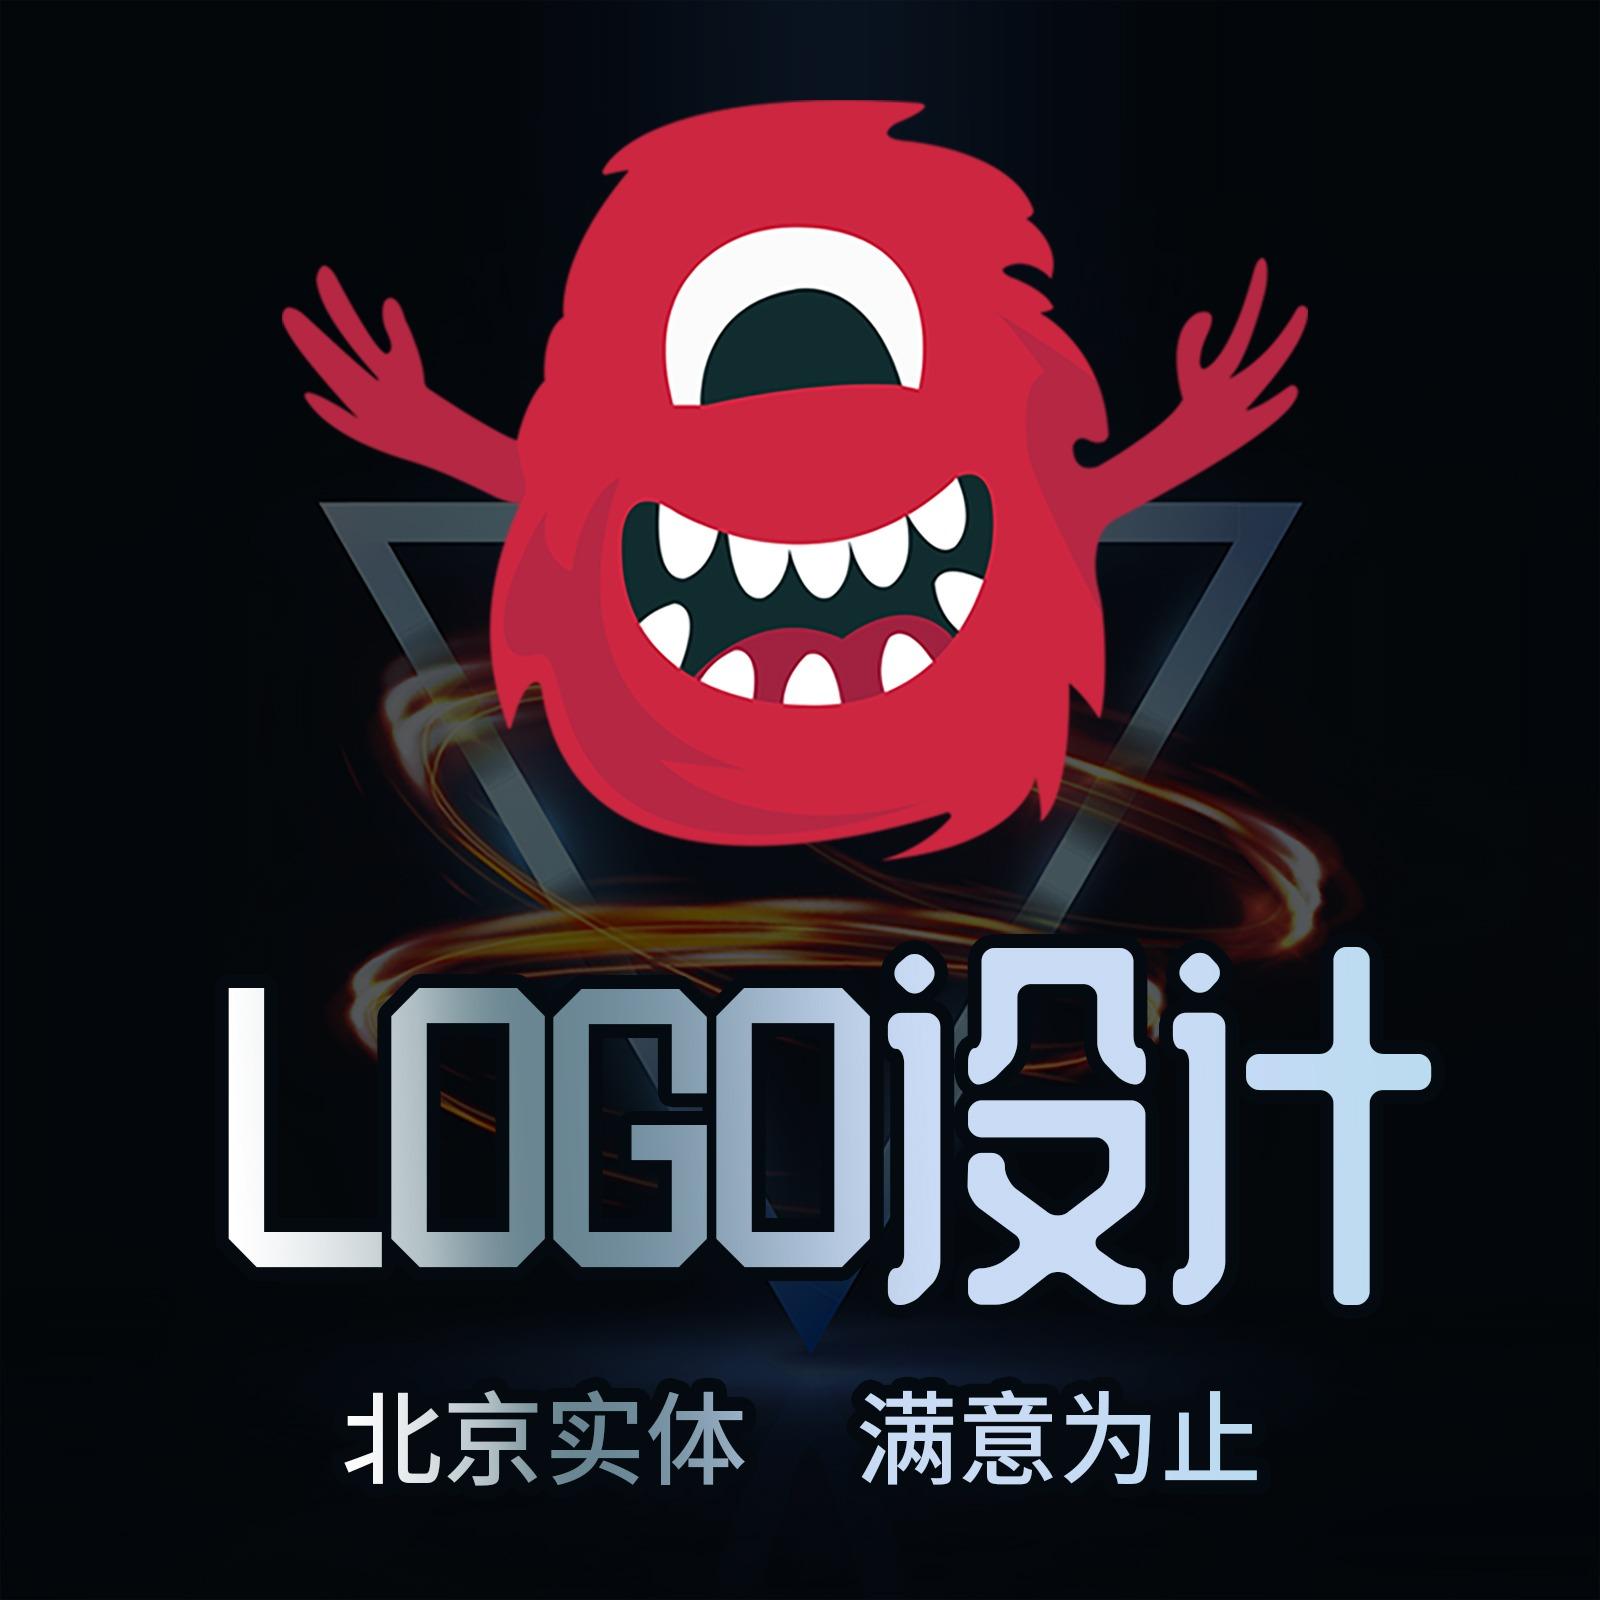 字体设计商标设计中国风logo设计商标标志企业品牌LOGO